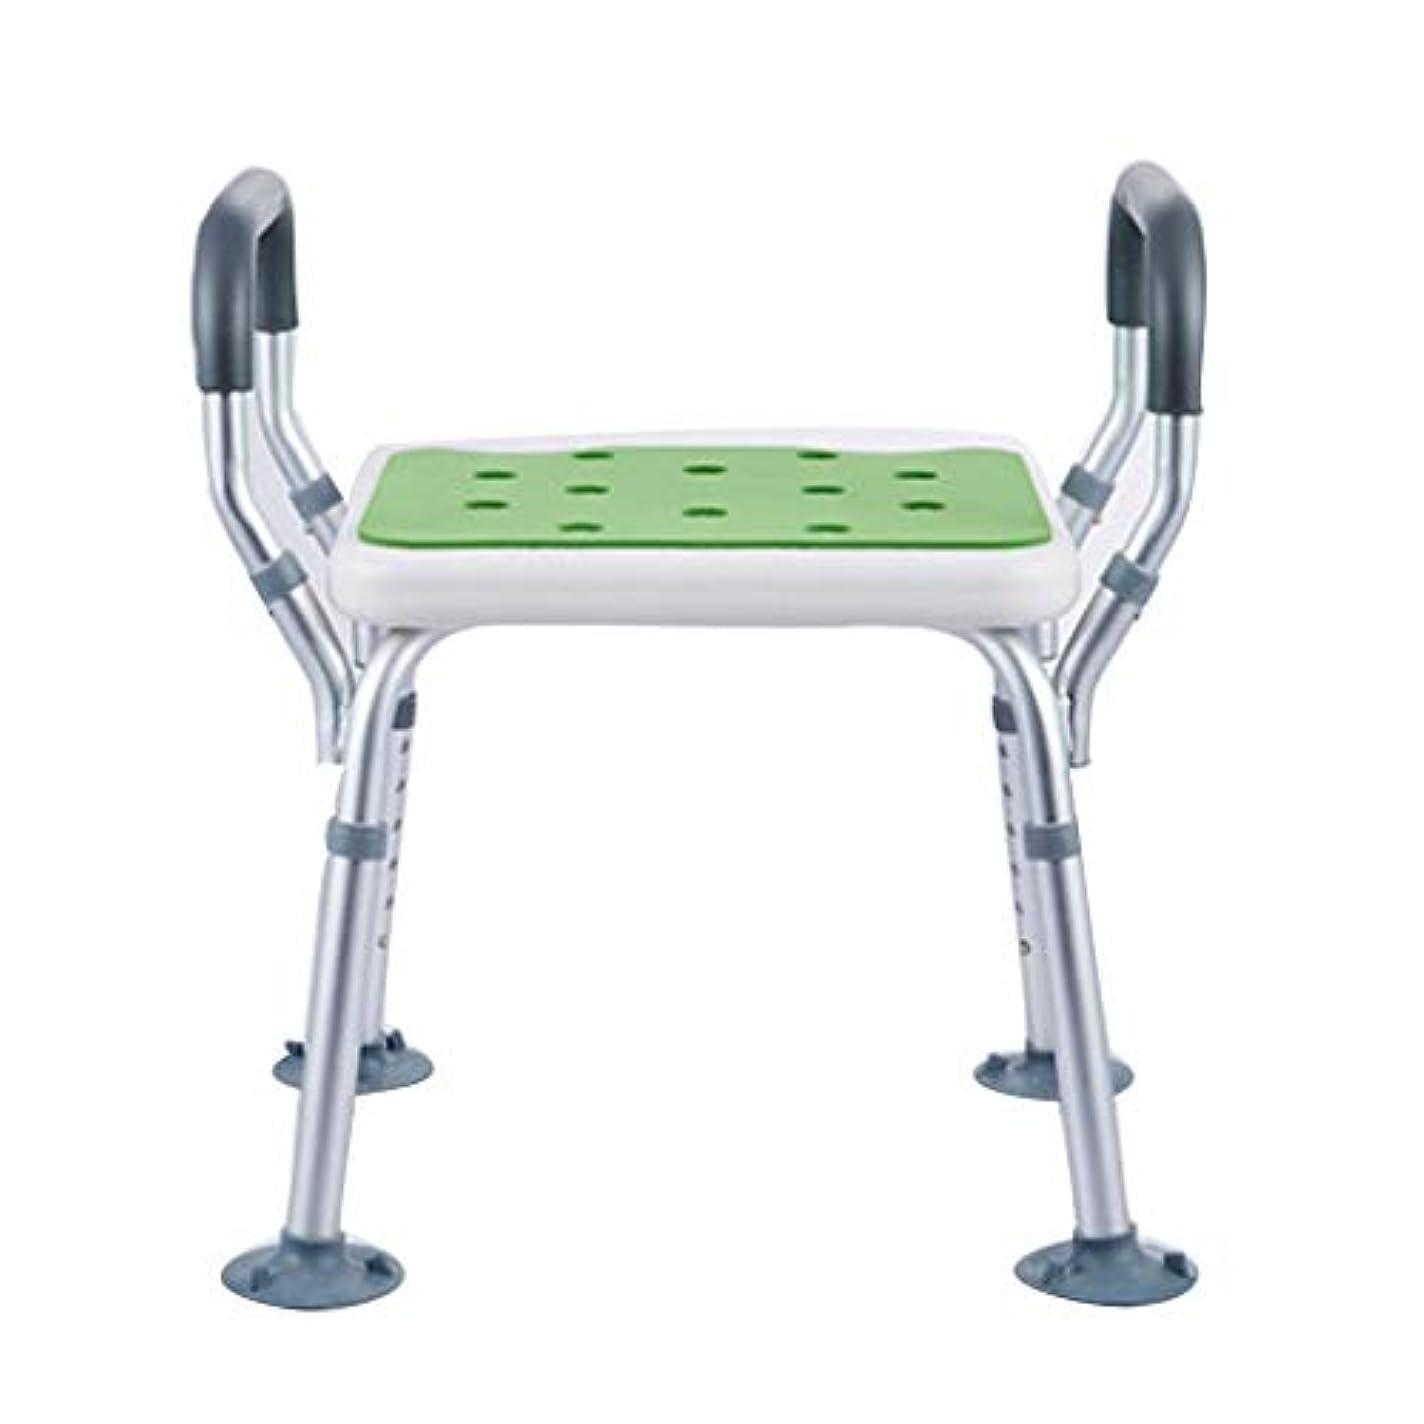 登録するグラディス幻想的シャワーベンチ シャワーベンチ バス アル コンフォート アルミ合金 軽量コンパクト 取付簡単 丈夫 入浴補助用具 高齢者身体障害者妊婦に適しています、肘掛付 耐荷重約100kg